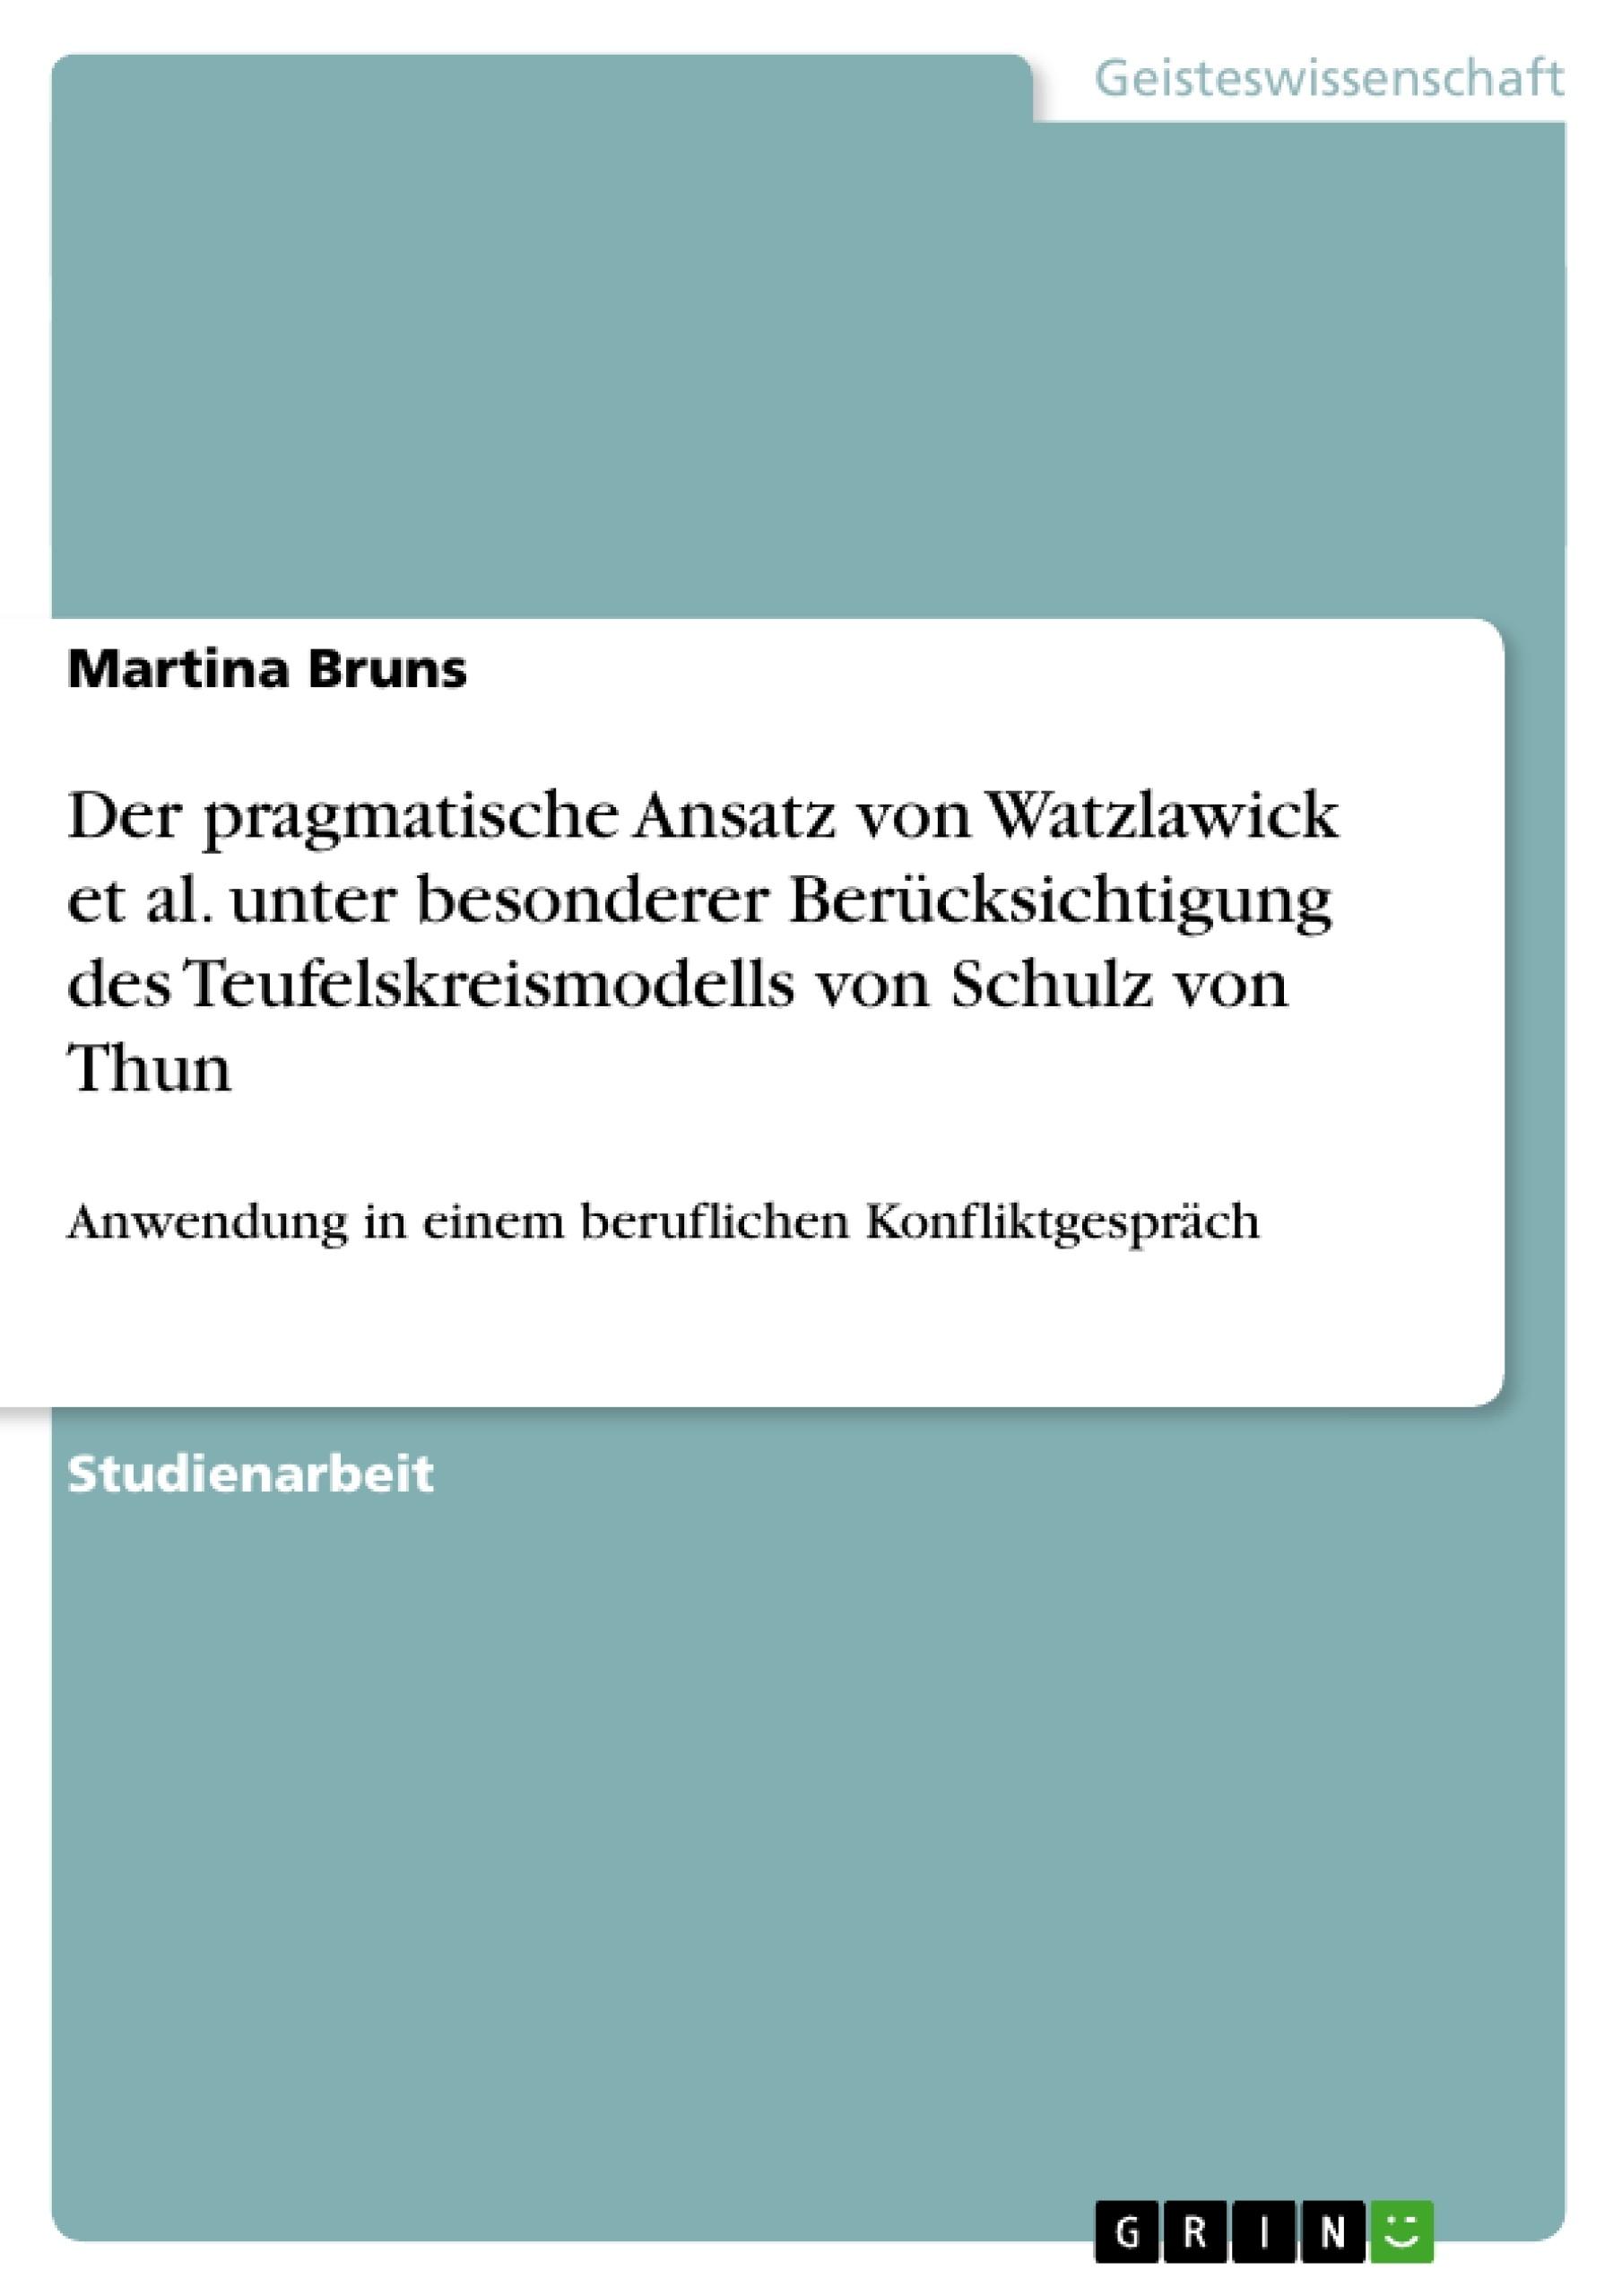 Titel: Der pragmatische Ansatz von Watzlawick et al. unter besonderer Berücksichtigung des Teufelskreismodells von Schulz von Thun